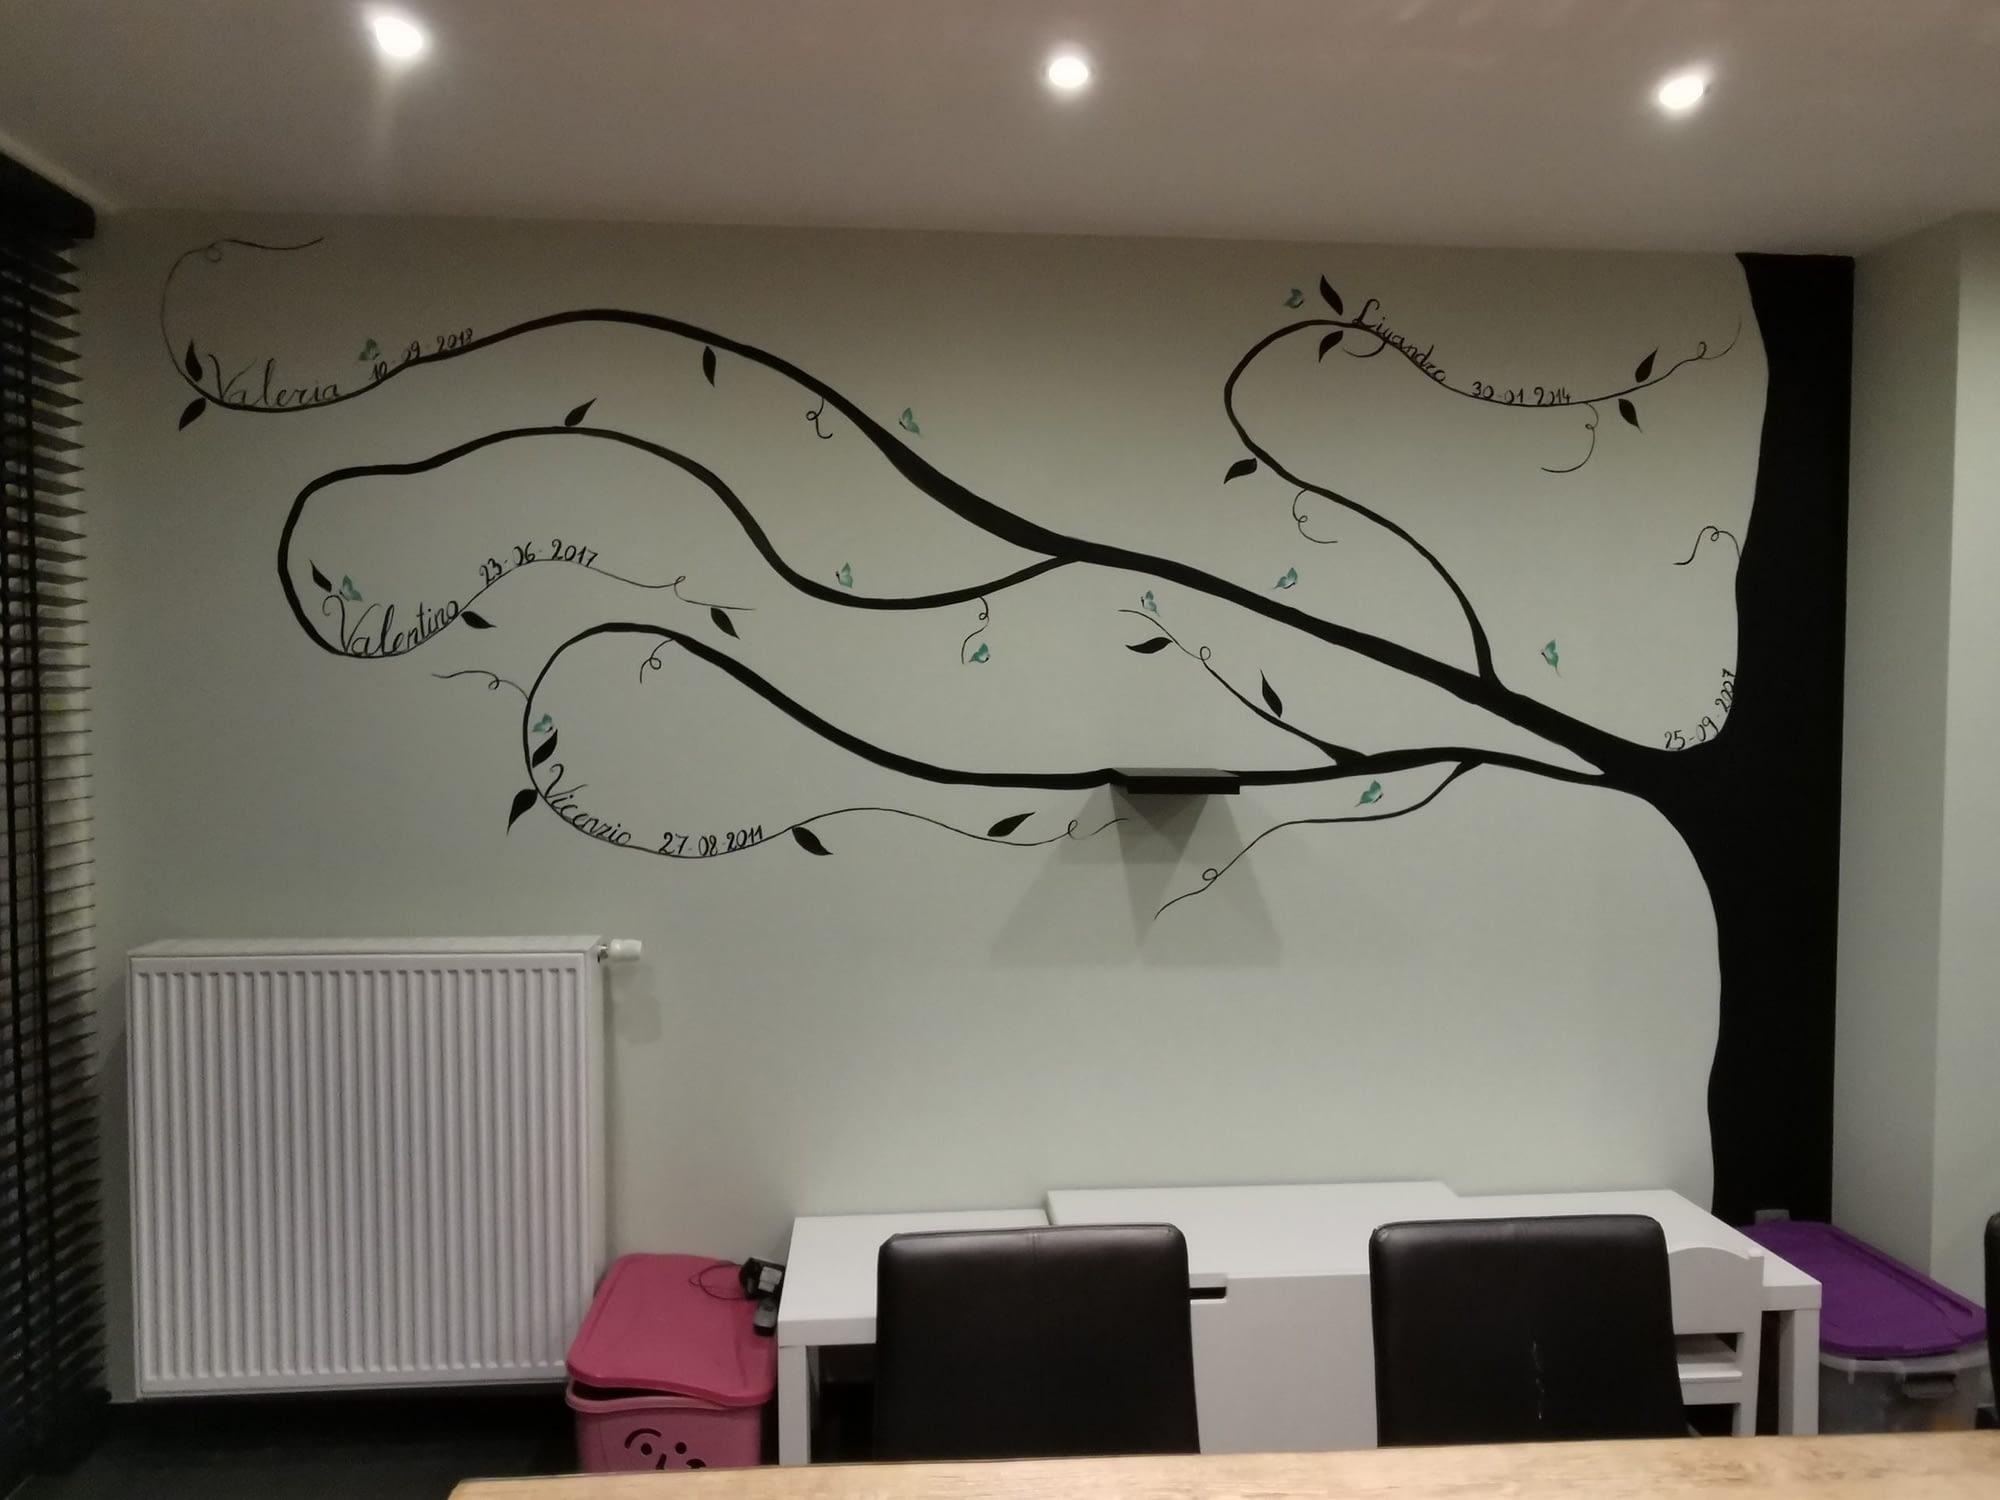 Muurschildering met stamboom